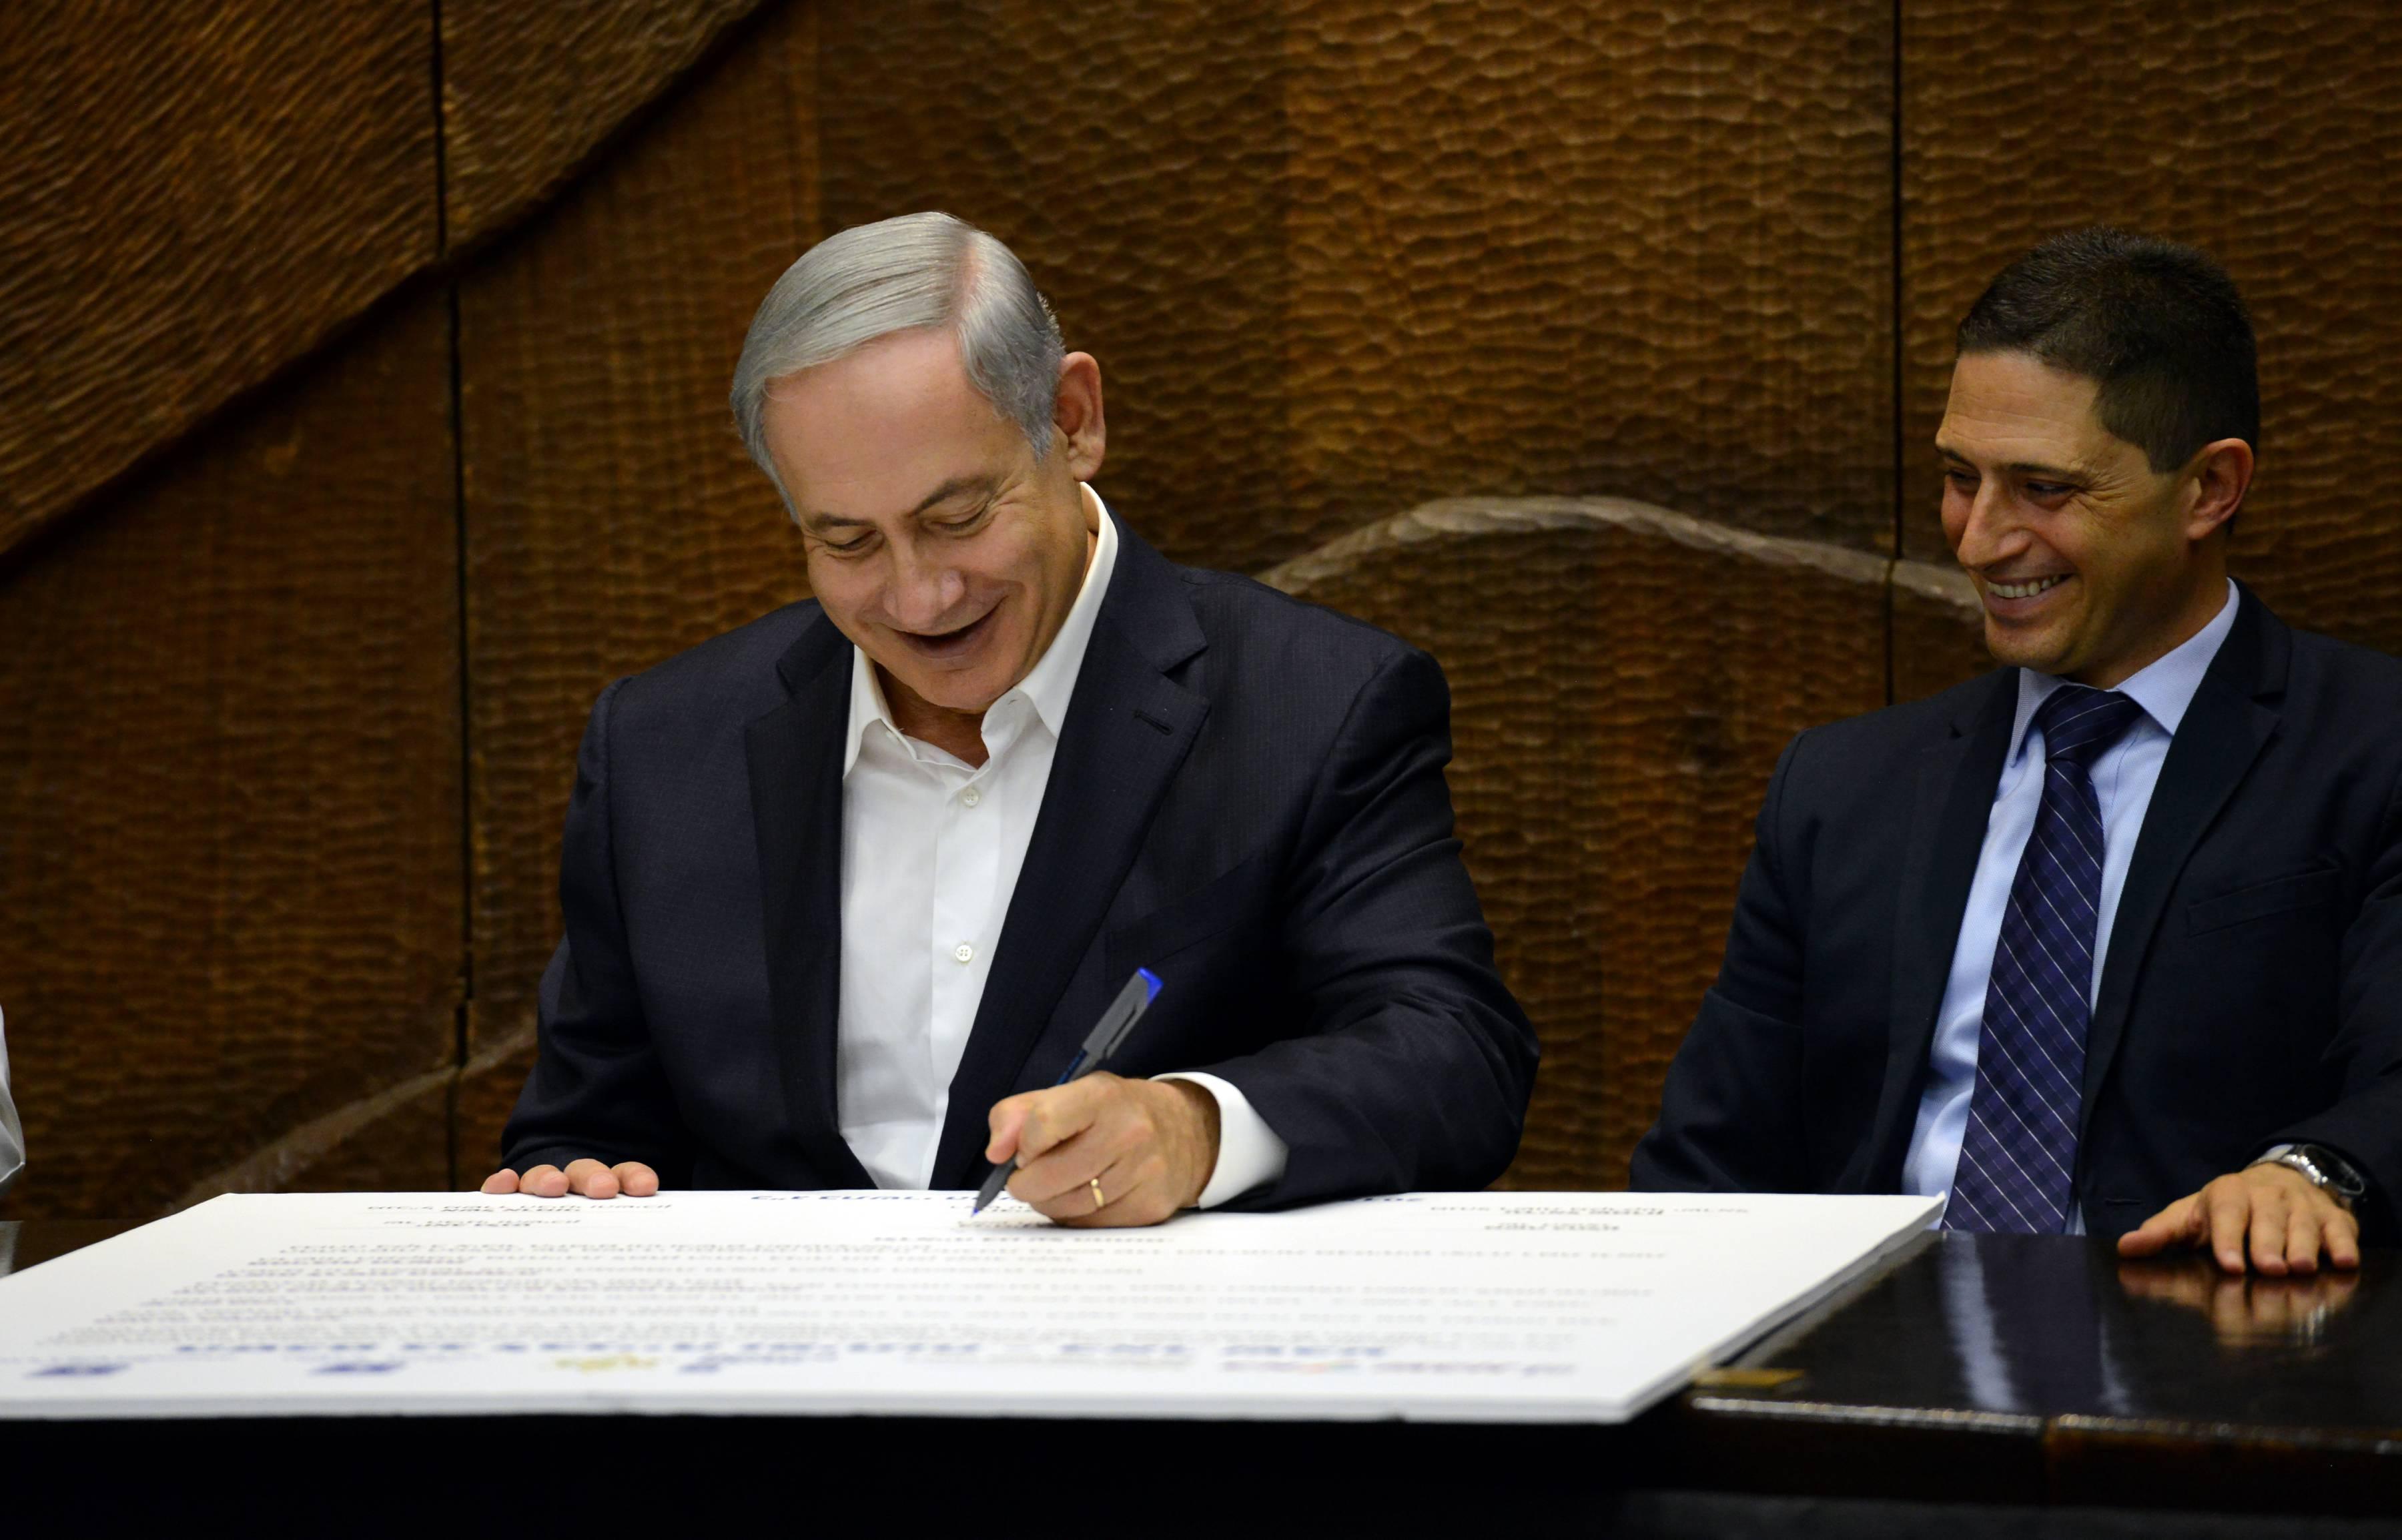 ראש עיריית באר שבע, רוביק דנילוביץ עם ראש הממשלה